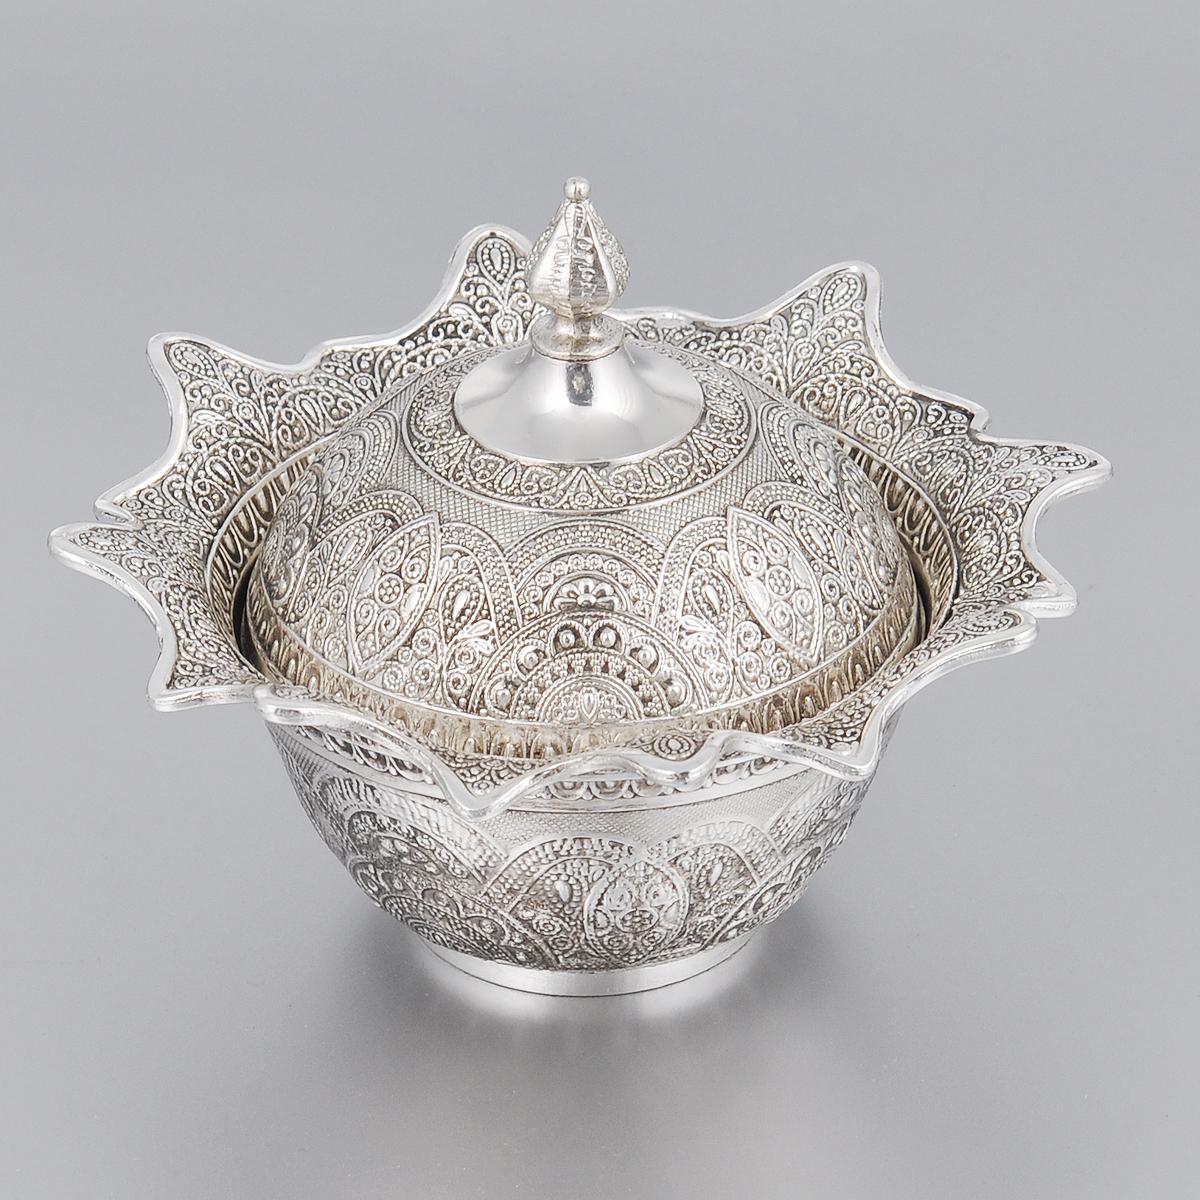 Ваза универсальная Marquis с крышкой, диаметр 13,5 см2187-MRУниверсальная ваза Marquis круглой формы выполнена из стали с никель-серебряным покрытием и оформлена изящным рельефом. Края вазы имеют волнистую форму. Ваза прекрасно подойдет для красивой сервировки конфет, фруктов, пирожных и много другого. В комплекте имеется крышка для вазы. Такая ваза придется по вкусу и ценителям классики, и тем, кто предпочитает утонченность и изысканность. Она украсит сервировку вашего стола и подчеркнет прекрасный вкус хозяина, а также станет отличным подарком. Диаметр (по верхнему краю): 13,5 см. Диаметр основания: 5 см. Высота вазы (с крышкой): 10 см.